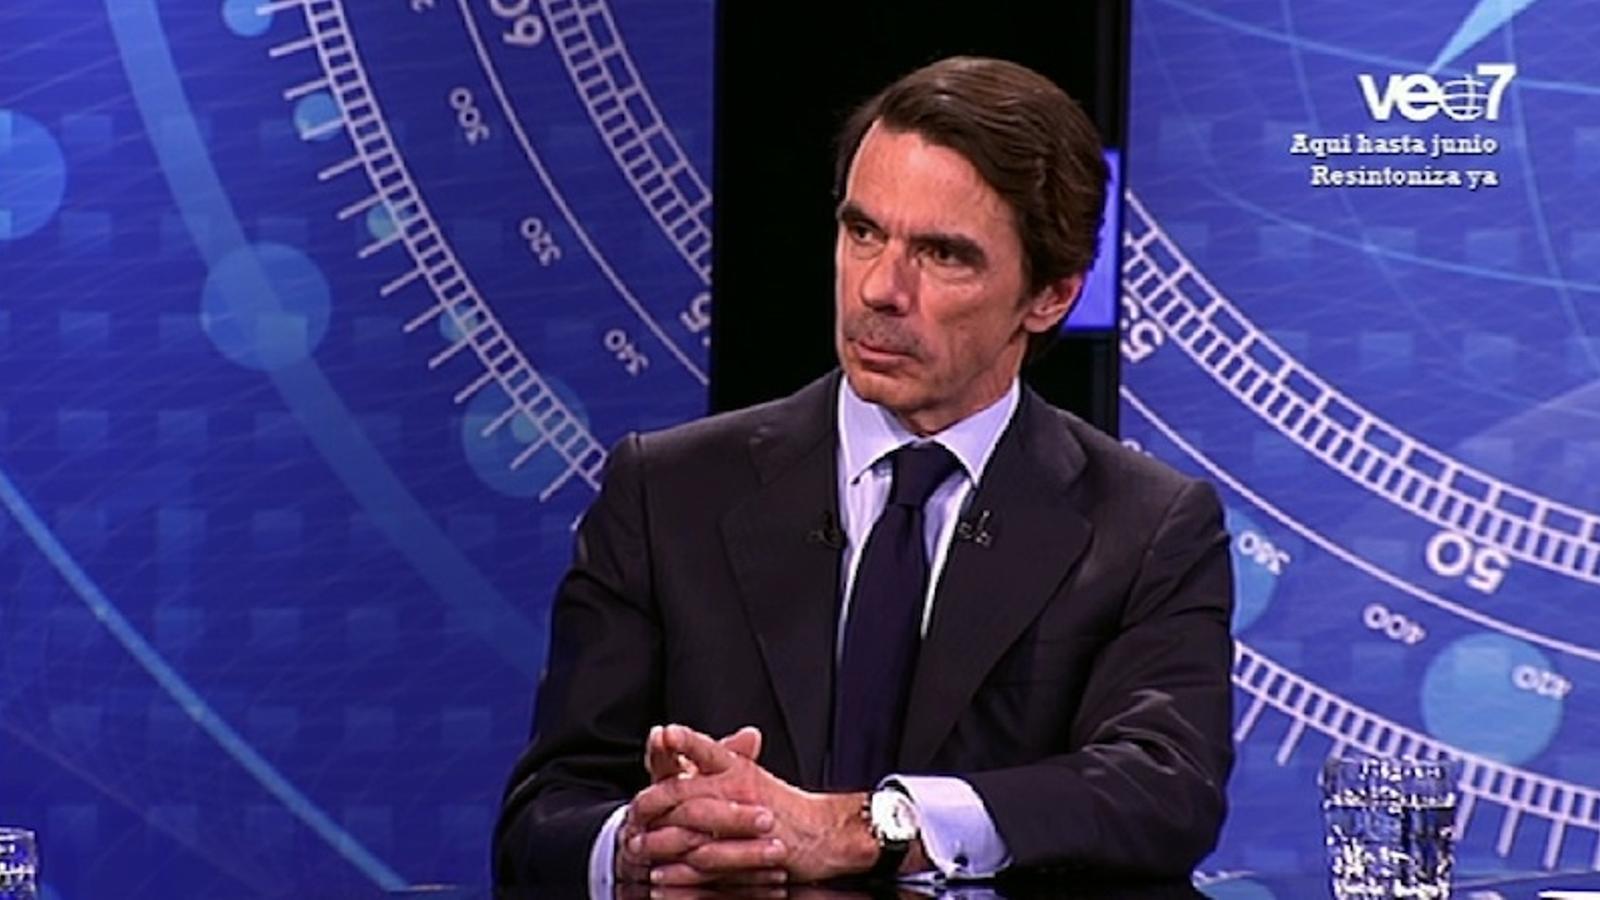 Aznar pensa de Rubalcaba el mateix que 'El Mundo'